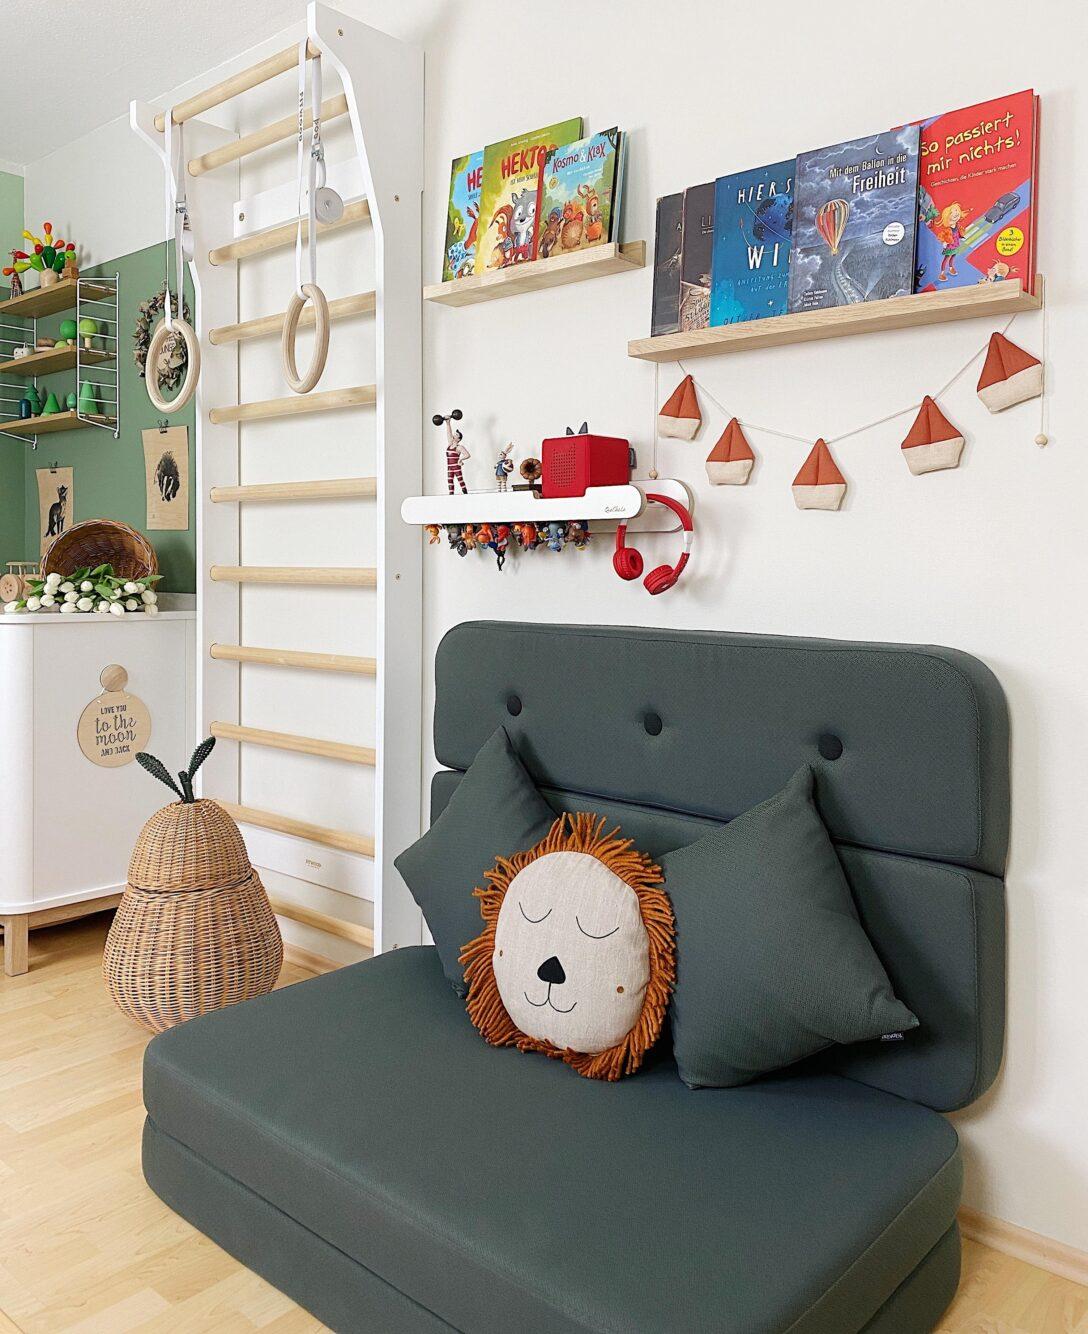 Large Size of Sprossenwand Kinderzimmer Bilder Ideen Couch Regale Sofa Regal Weiß Kinderzimmer Sprossenwand Kinderzimmer